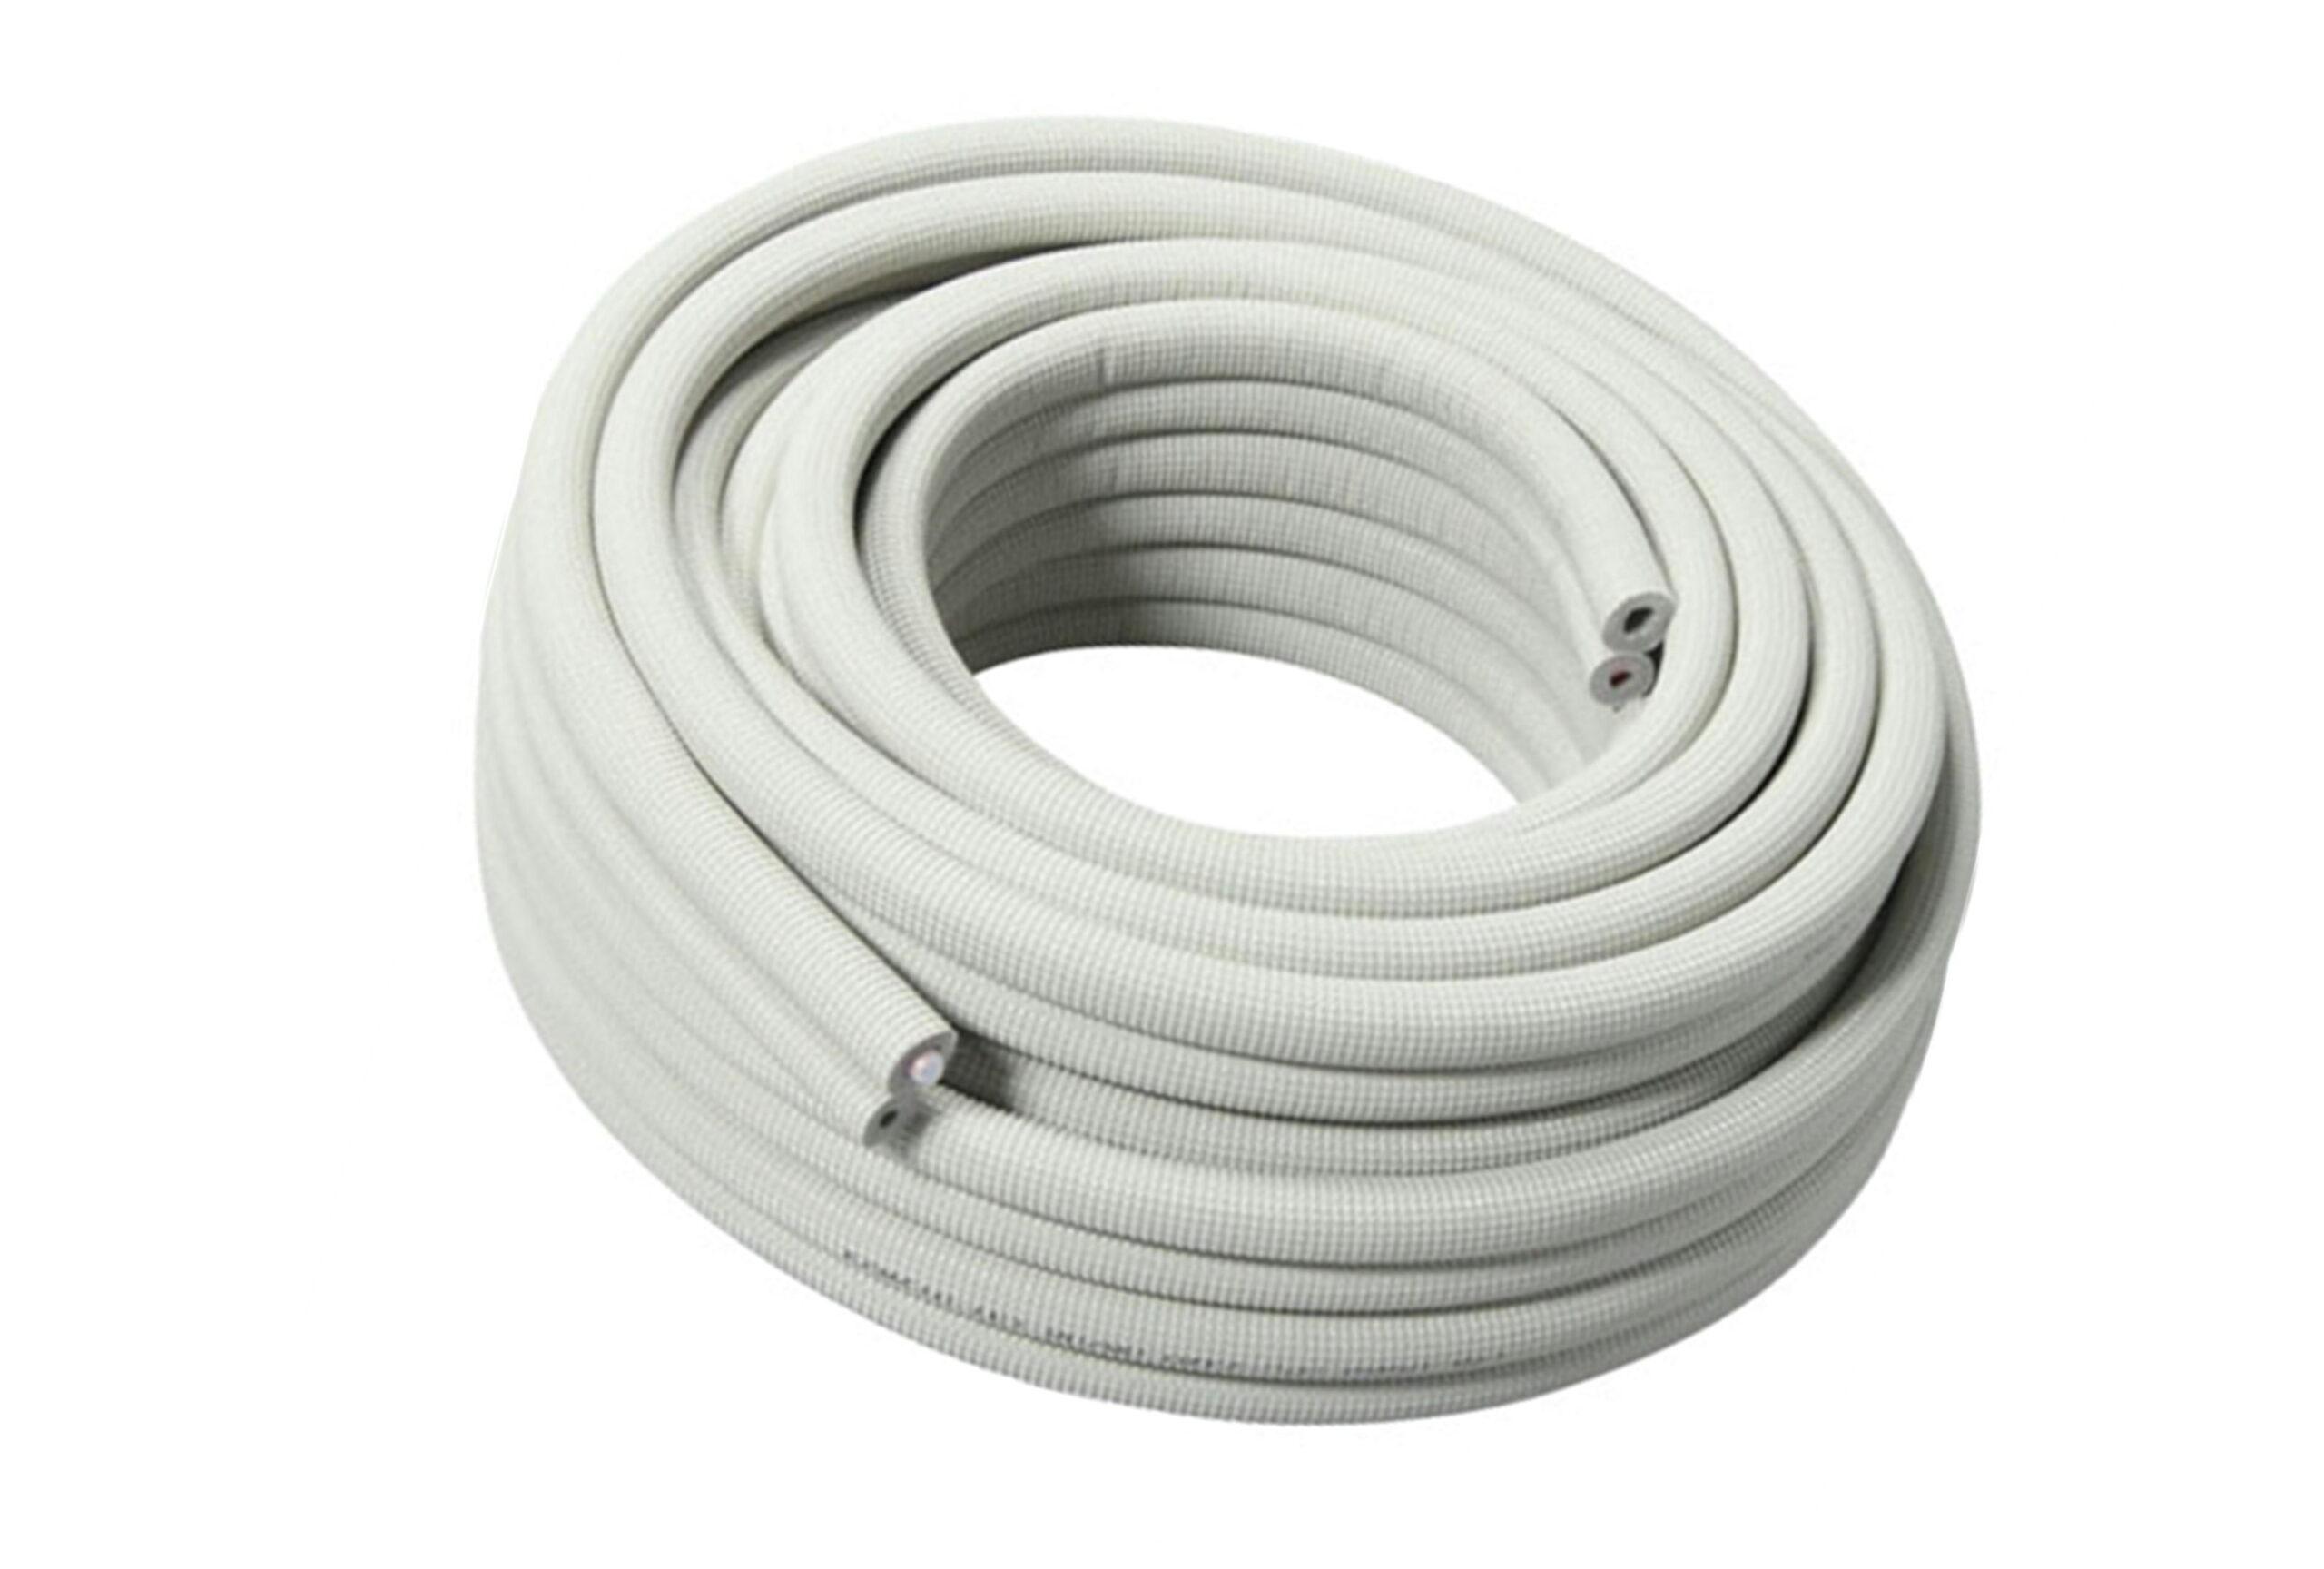 エアコン配管2分3分 20m巻   ネット限定買取価格       地域最高価格で買取ます